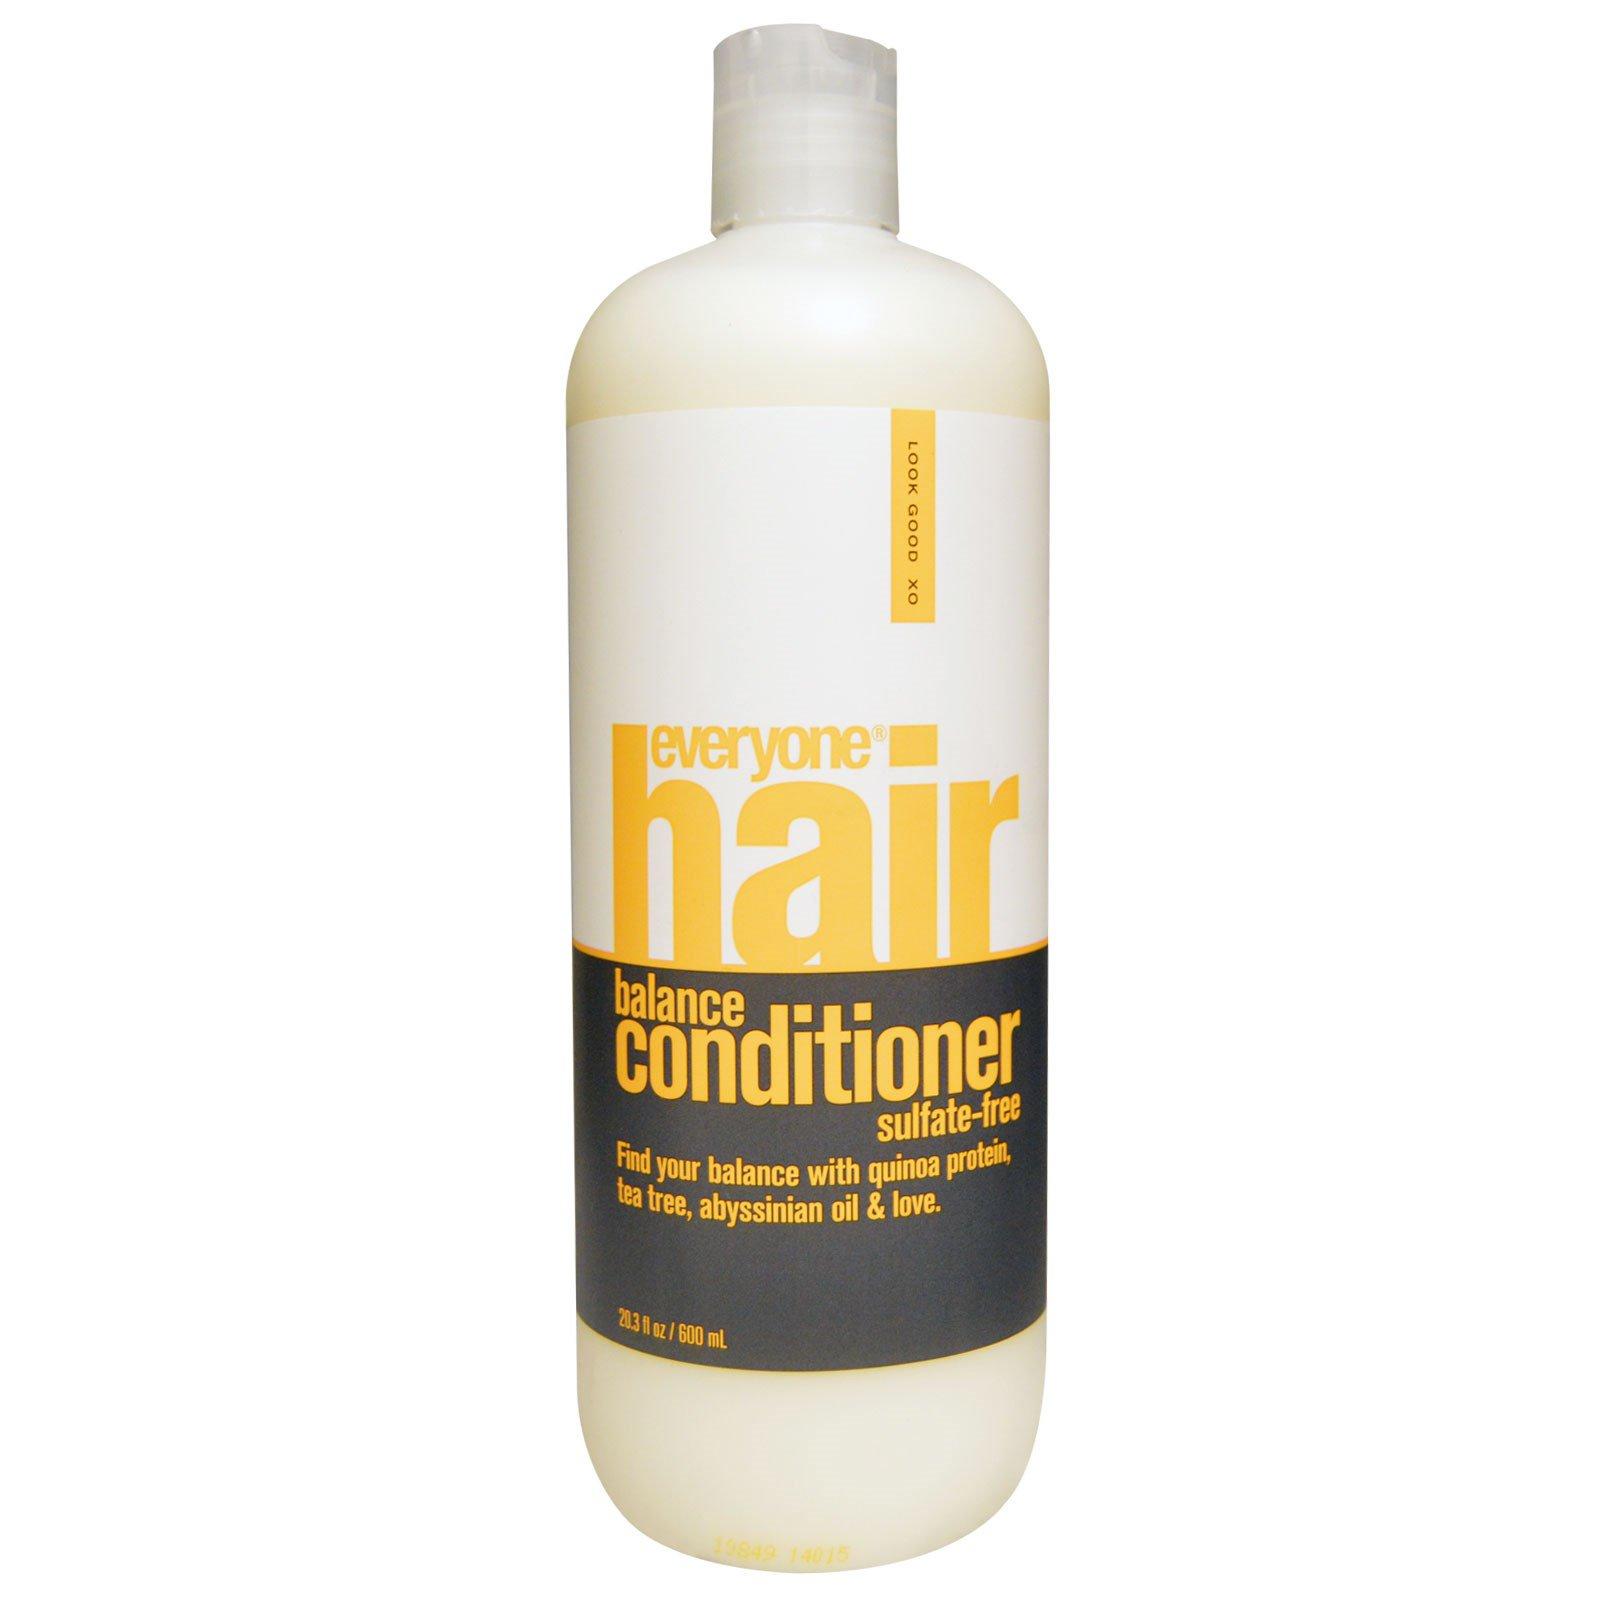 Everyone, Кондиционер для придания волосам баланса, Без сульфатов, 20,3 унции (600 мл)